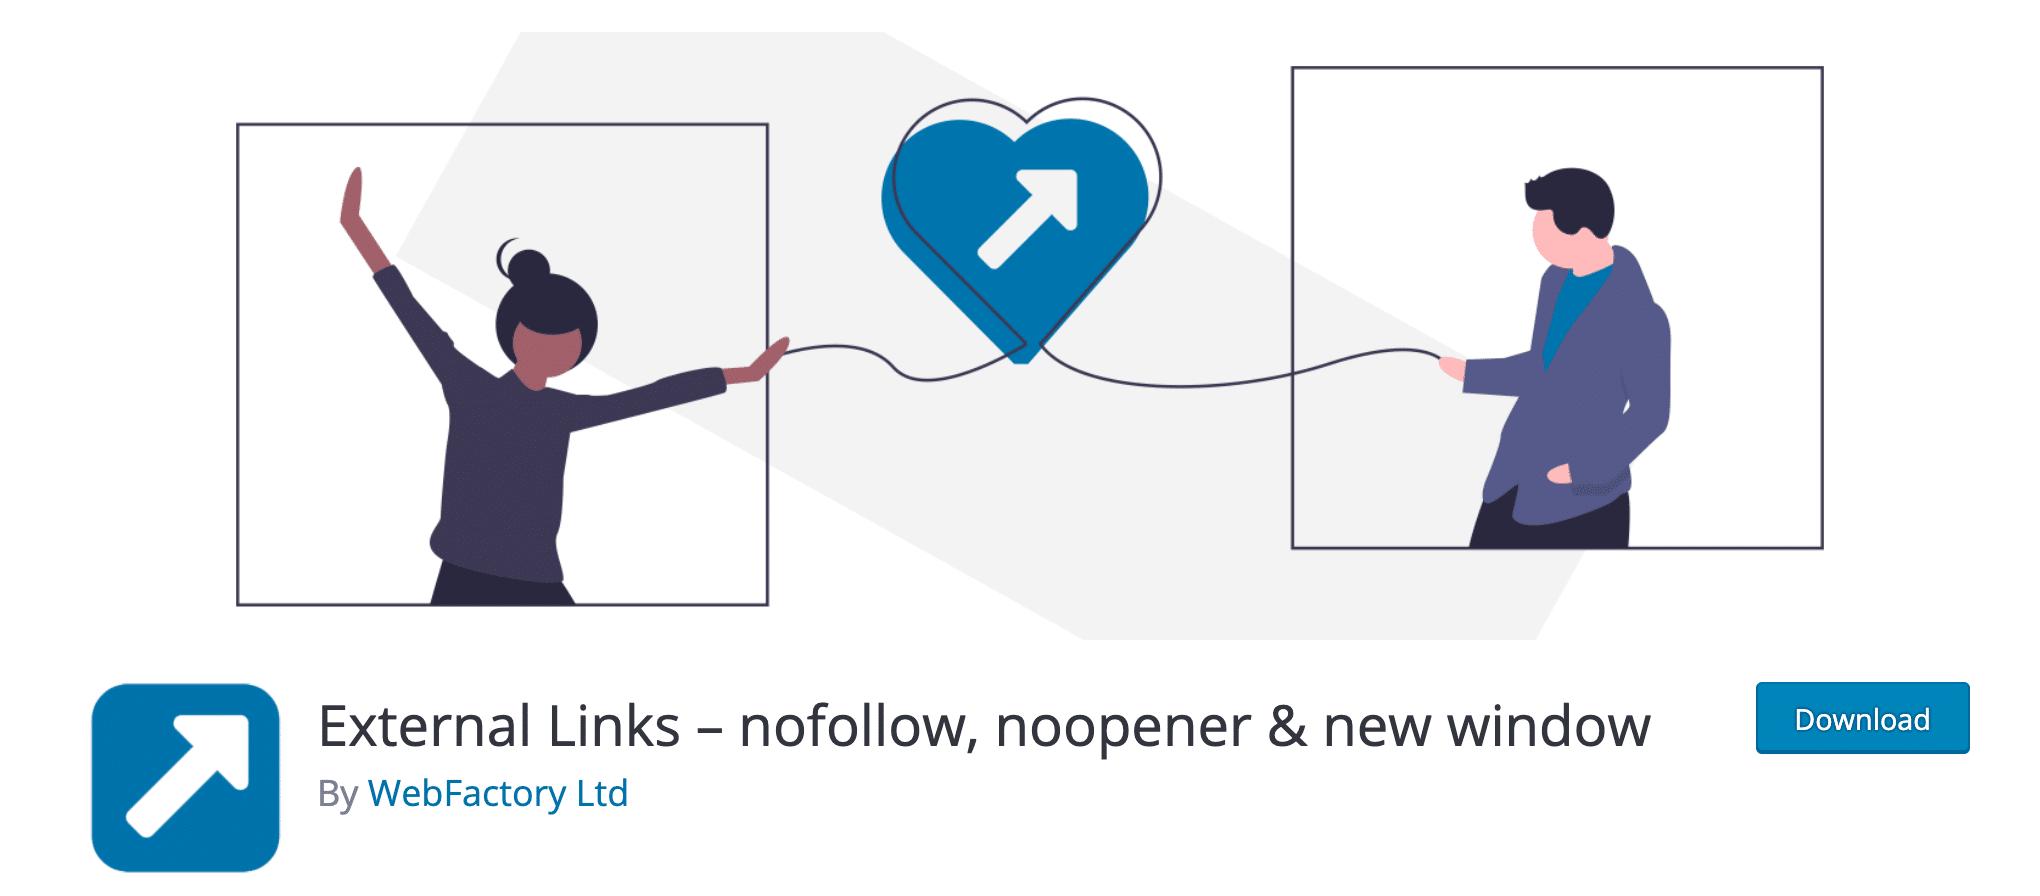 External Links Noopener, Nofollow